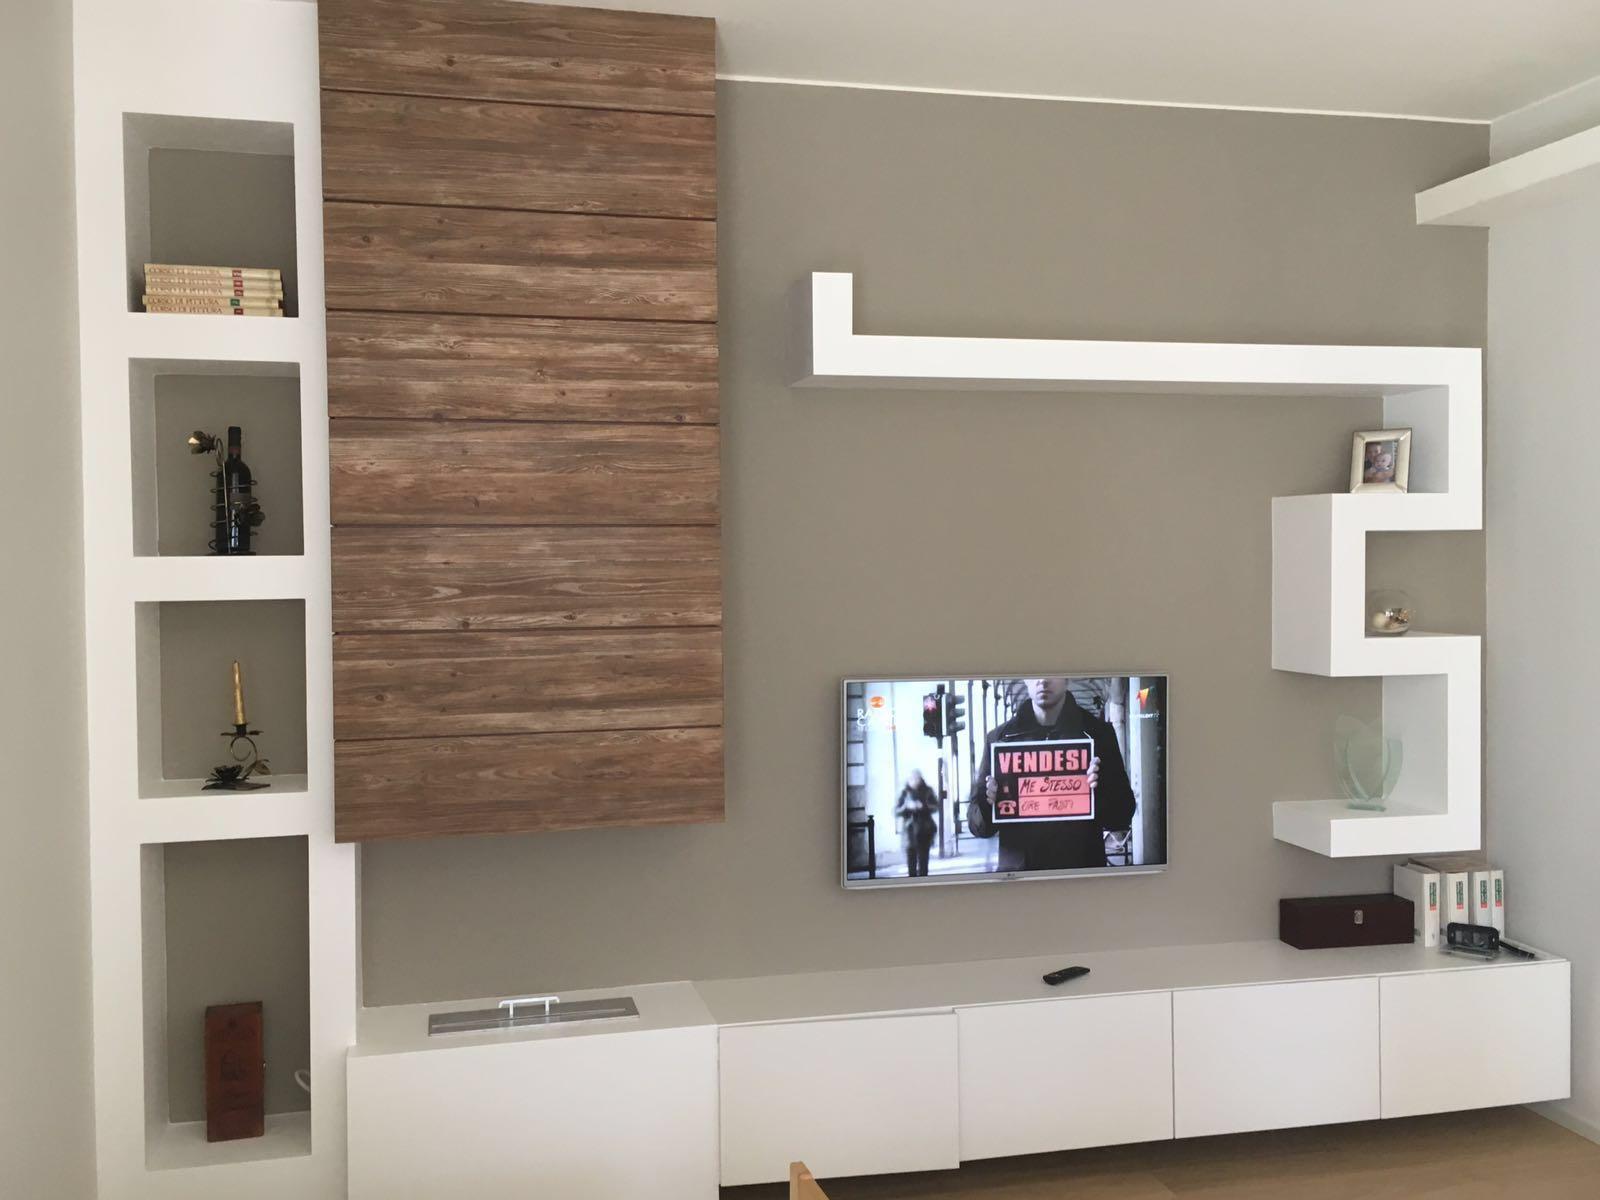 Dividere senza pareti salotto e cucina for Pareti attrezzate in cartongesso foto